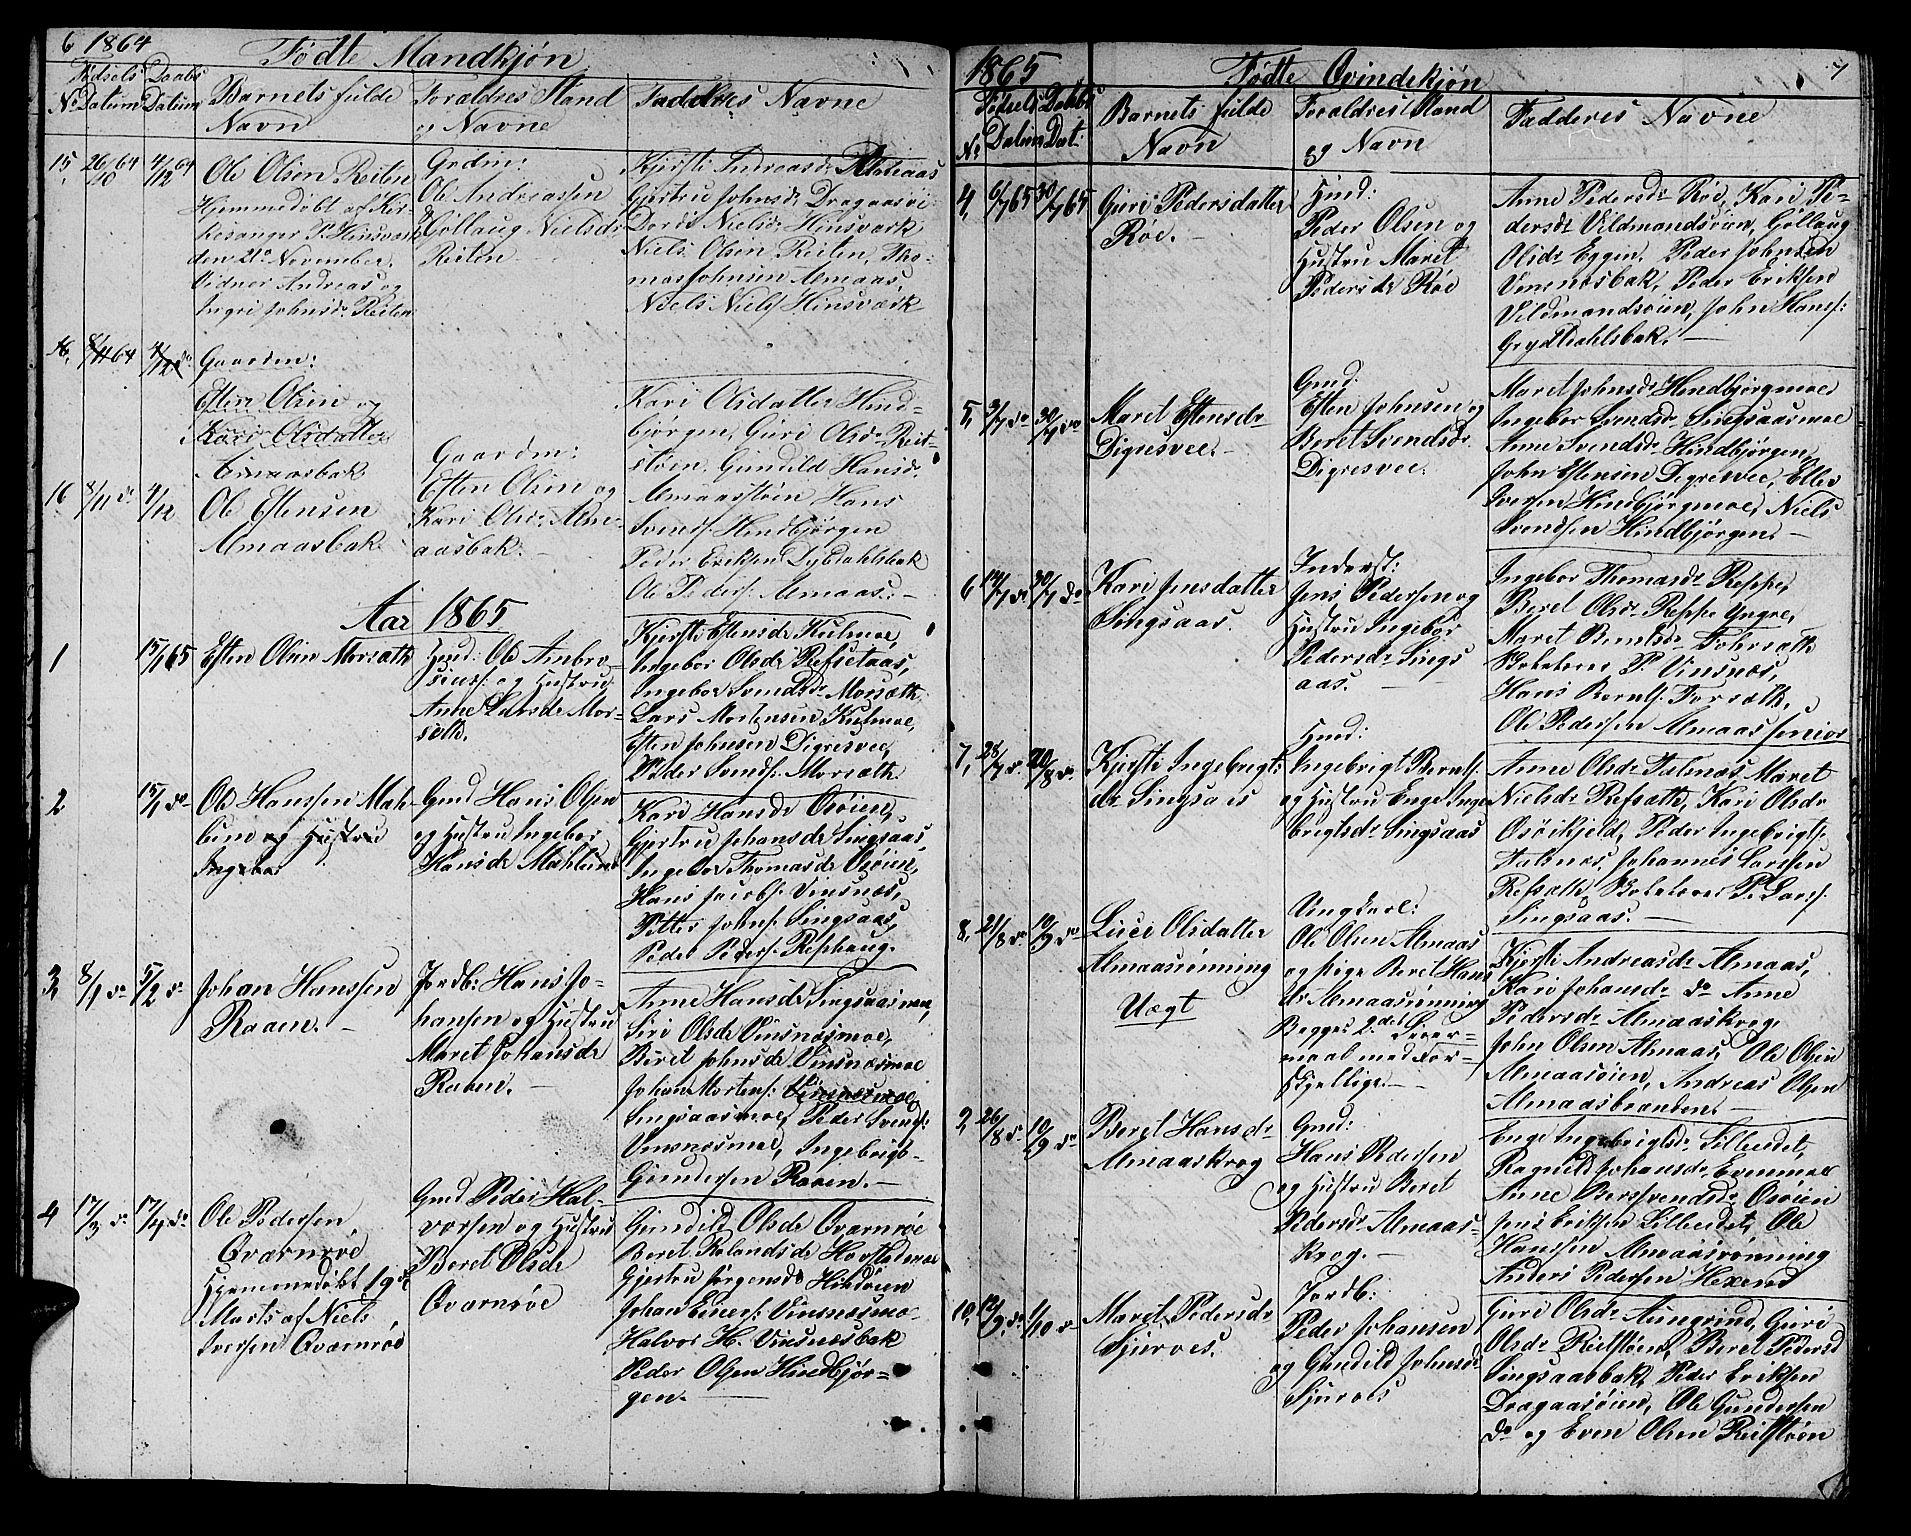 SAT, Ministerialprotokoller, klokkerbøker og fødselsregistre - Sør-Trøndelag, 688/L1027: Klokkerbok nr. 688C02, 1861-1889, s. 6-7